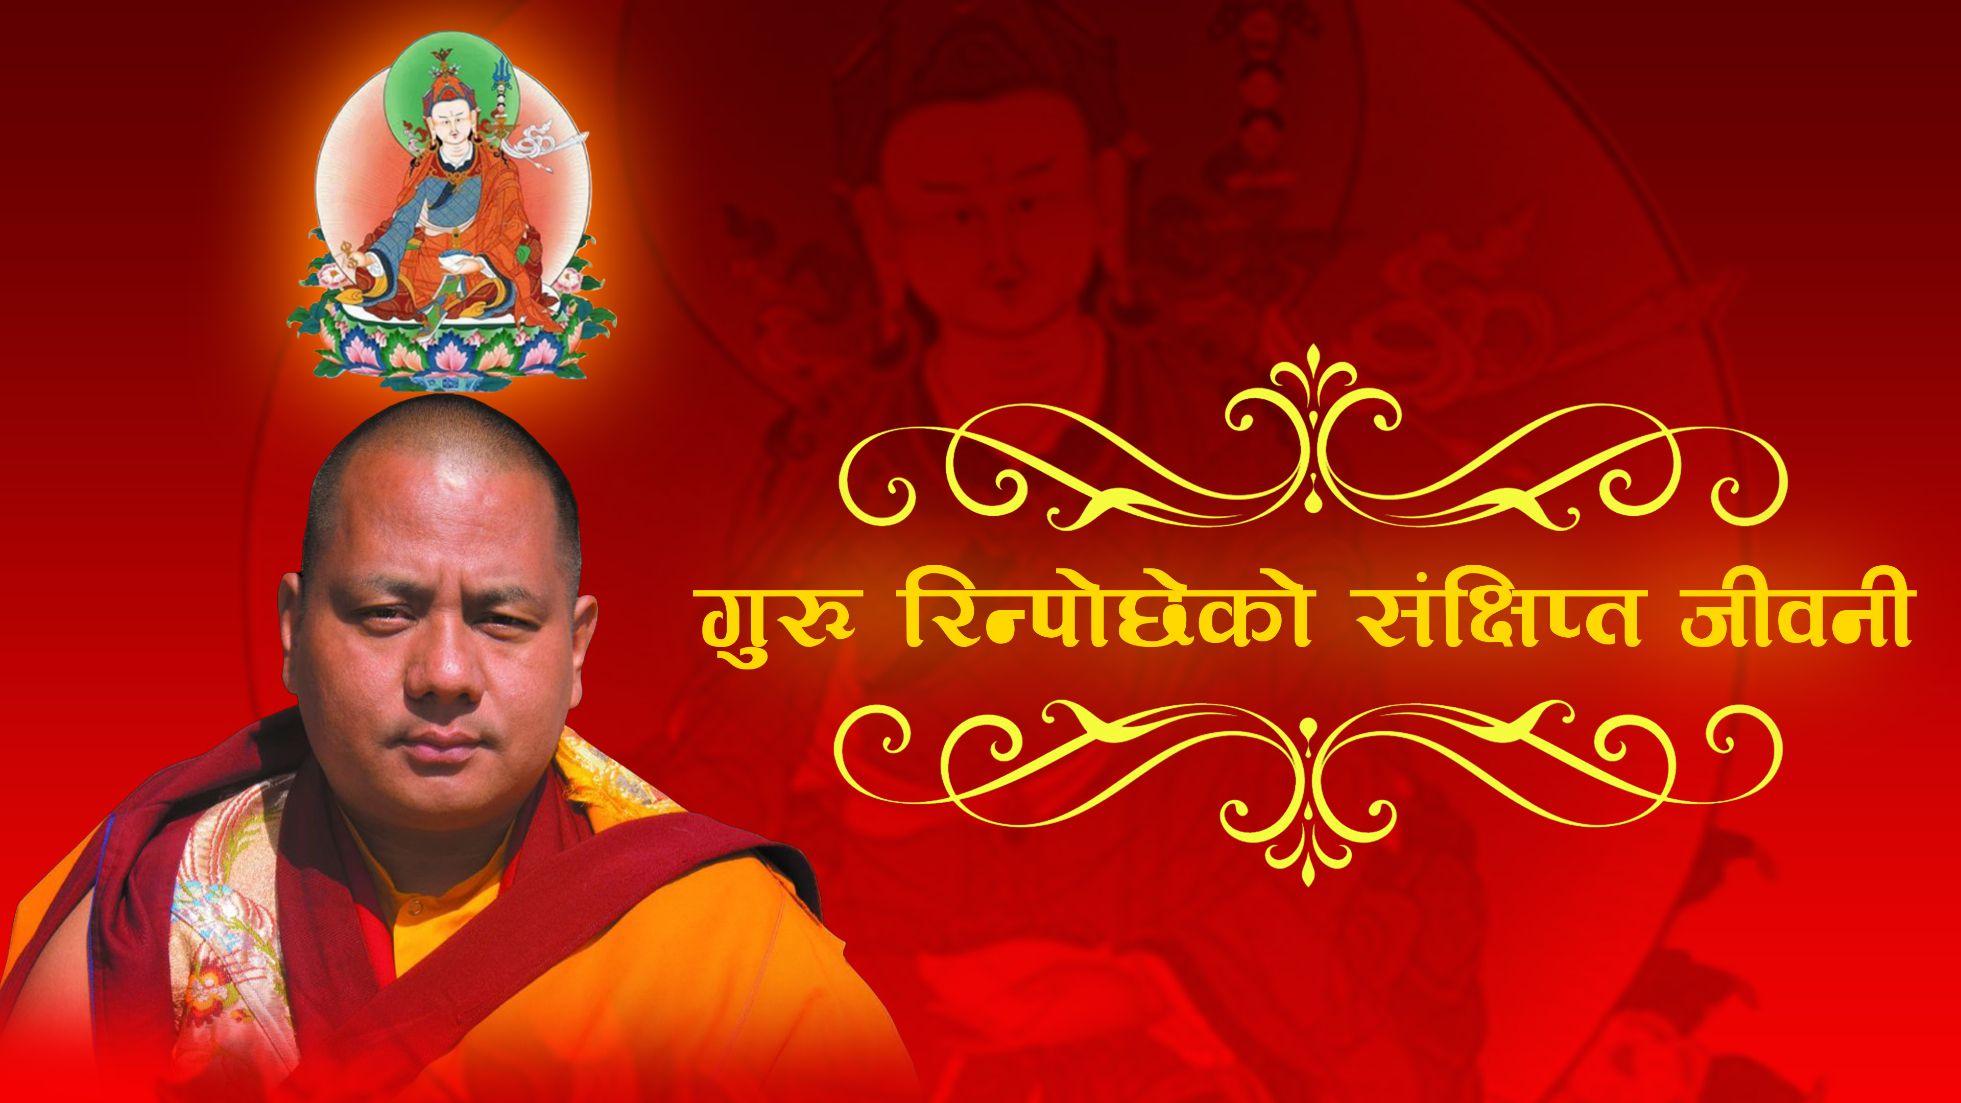 Life Story of Guru Padma Sambhav